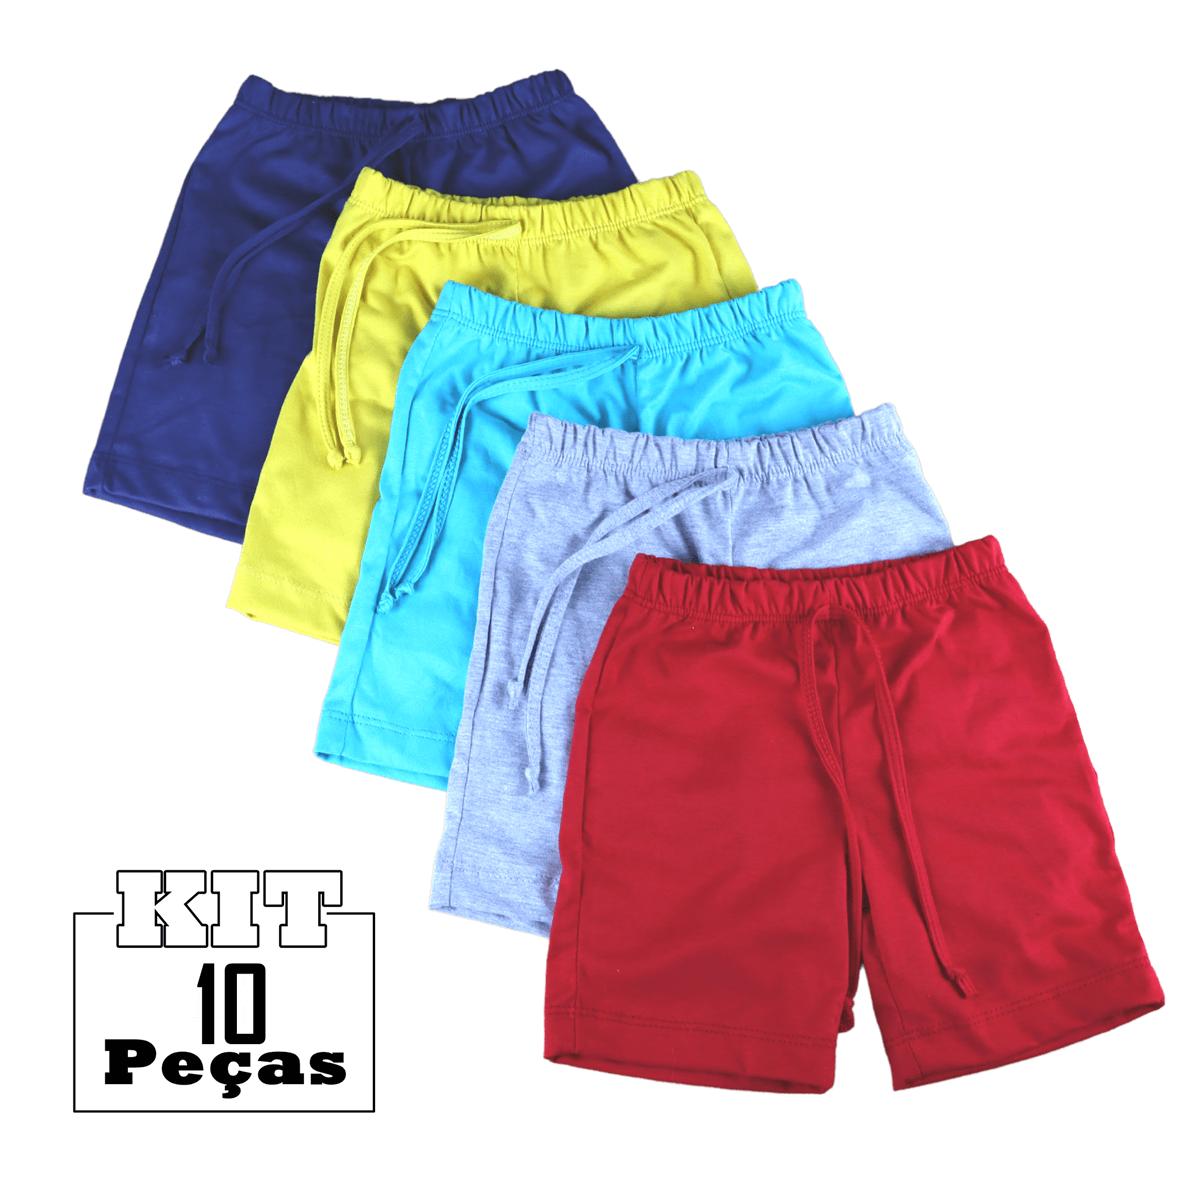 Kit 10 Shorts Bebê Menino(a) Infantil 100% Algodão Atacado  - HF | High Flight